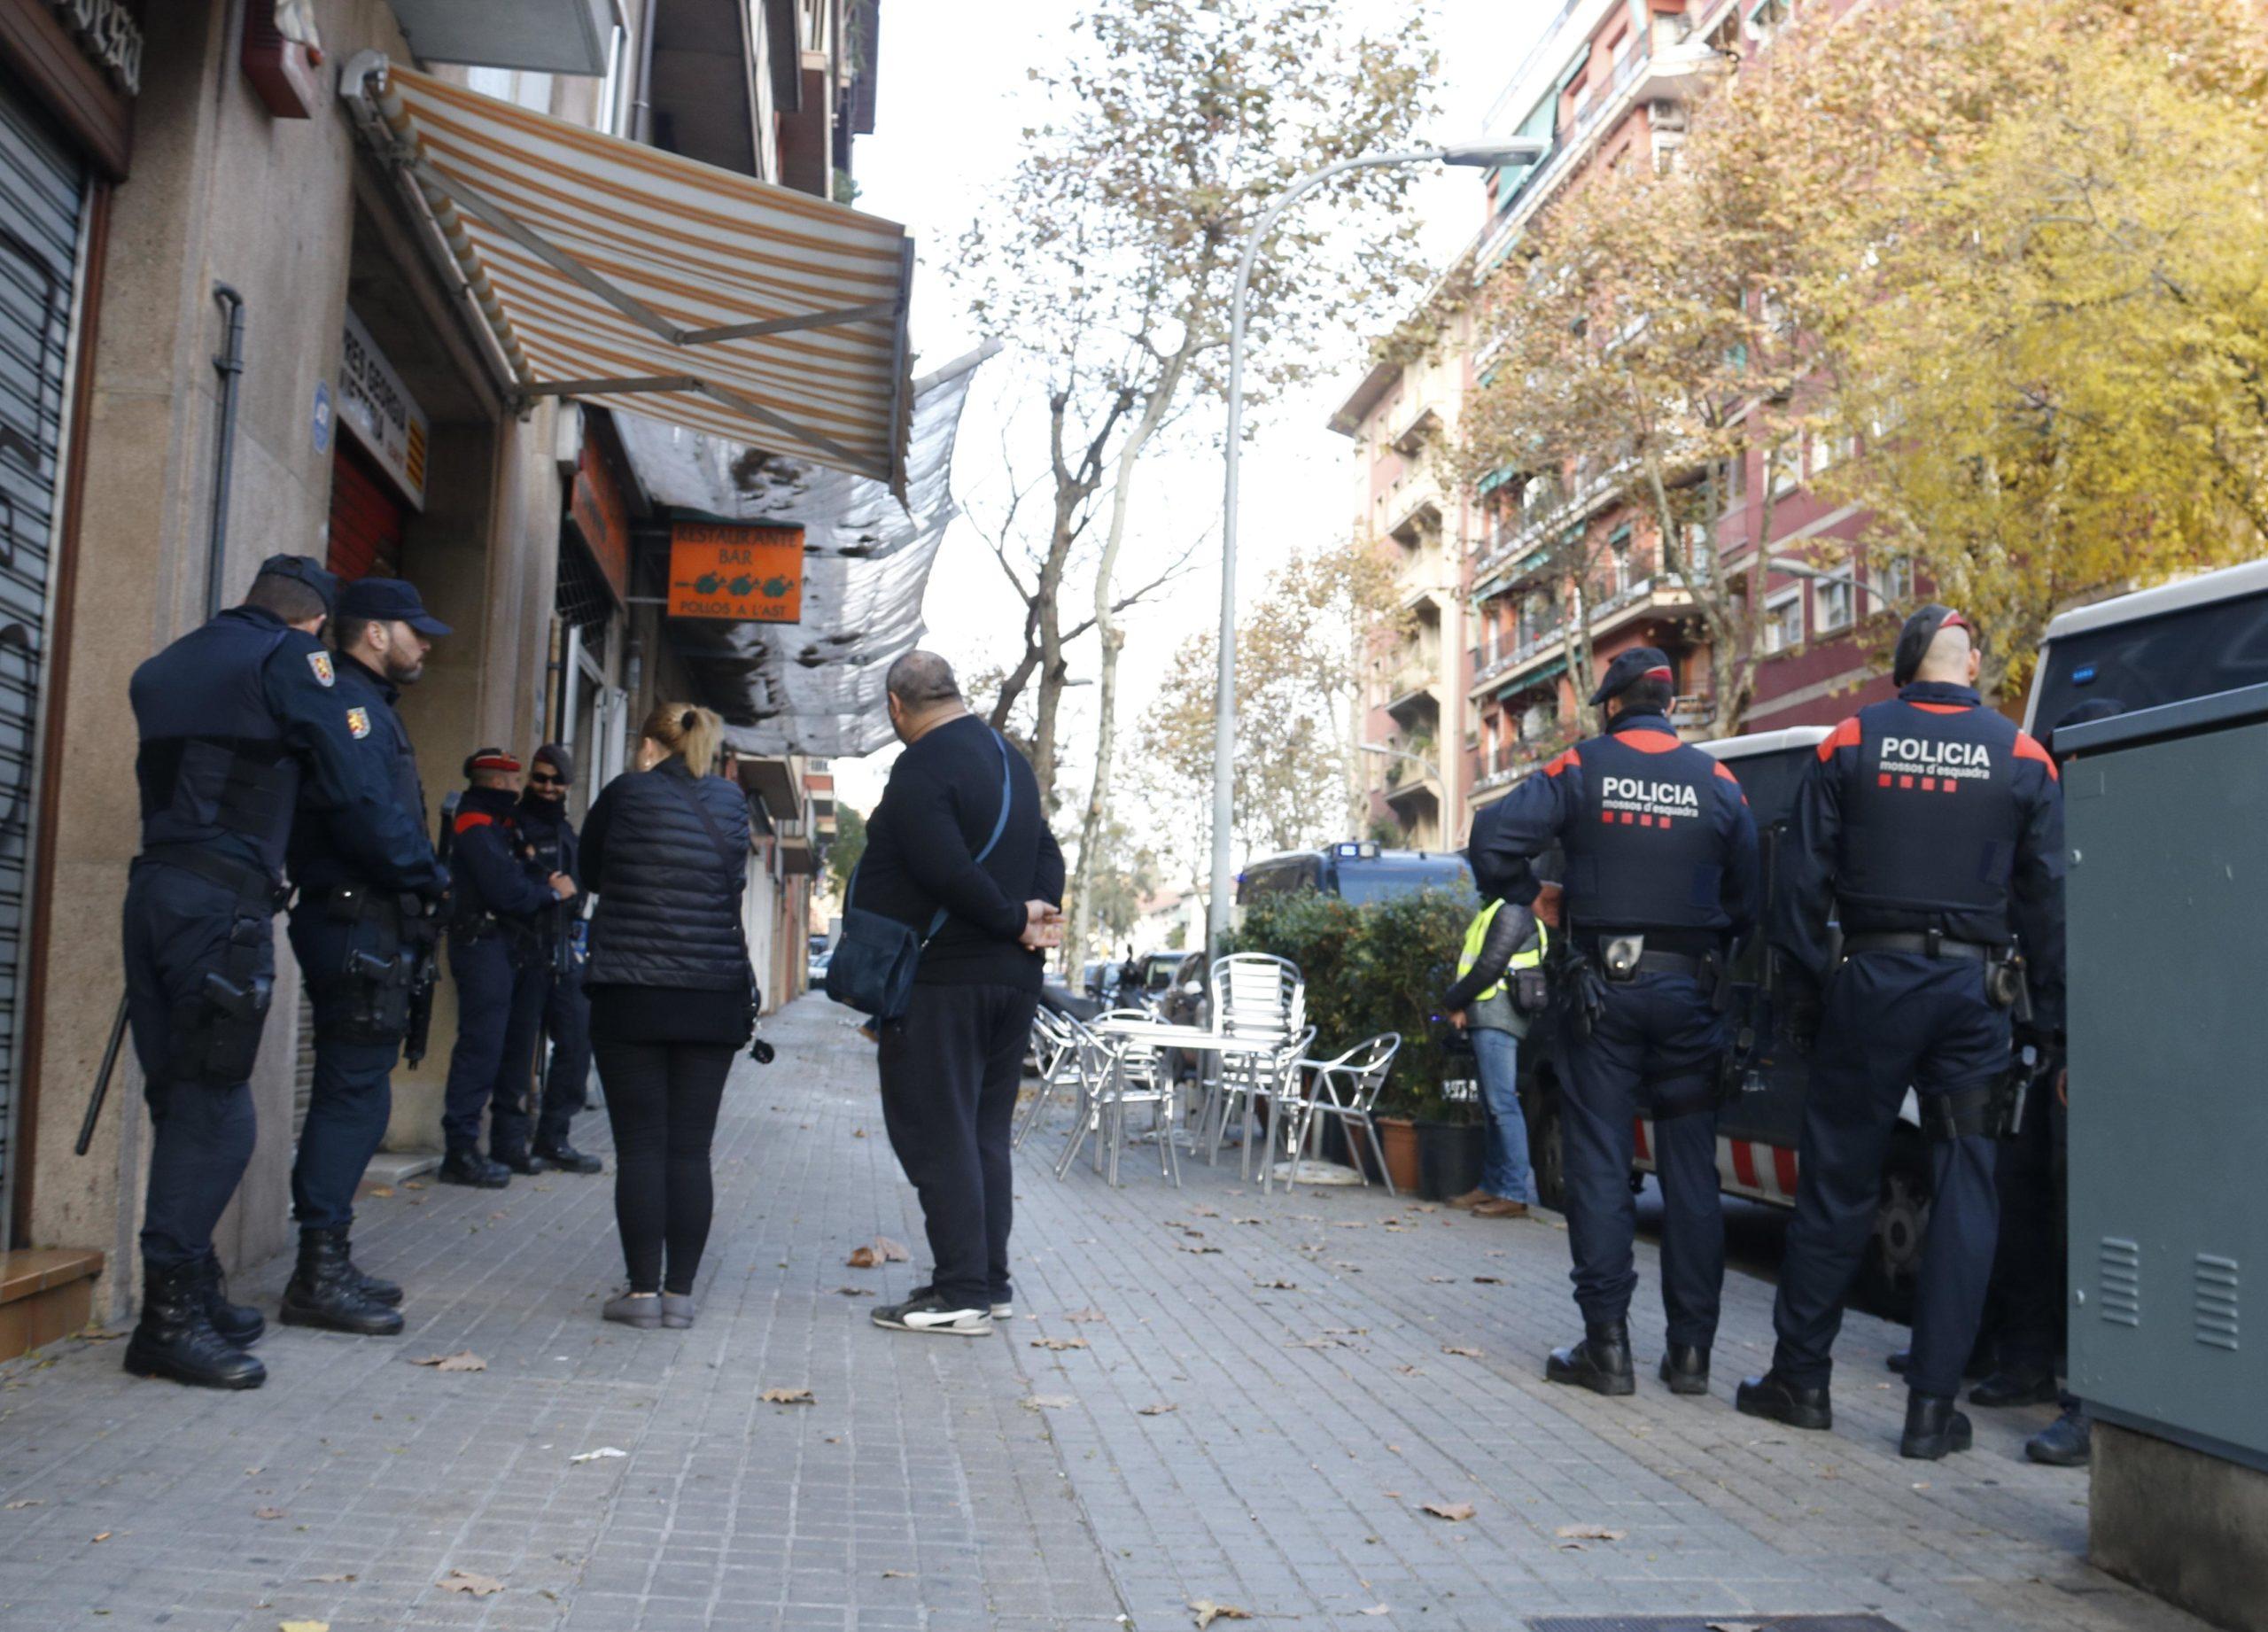 Mossos d'Esquadra en una operació a Barcelona, en una imatge d'arxiu / Acn